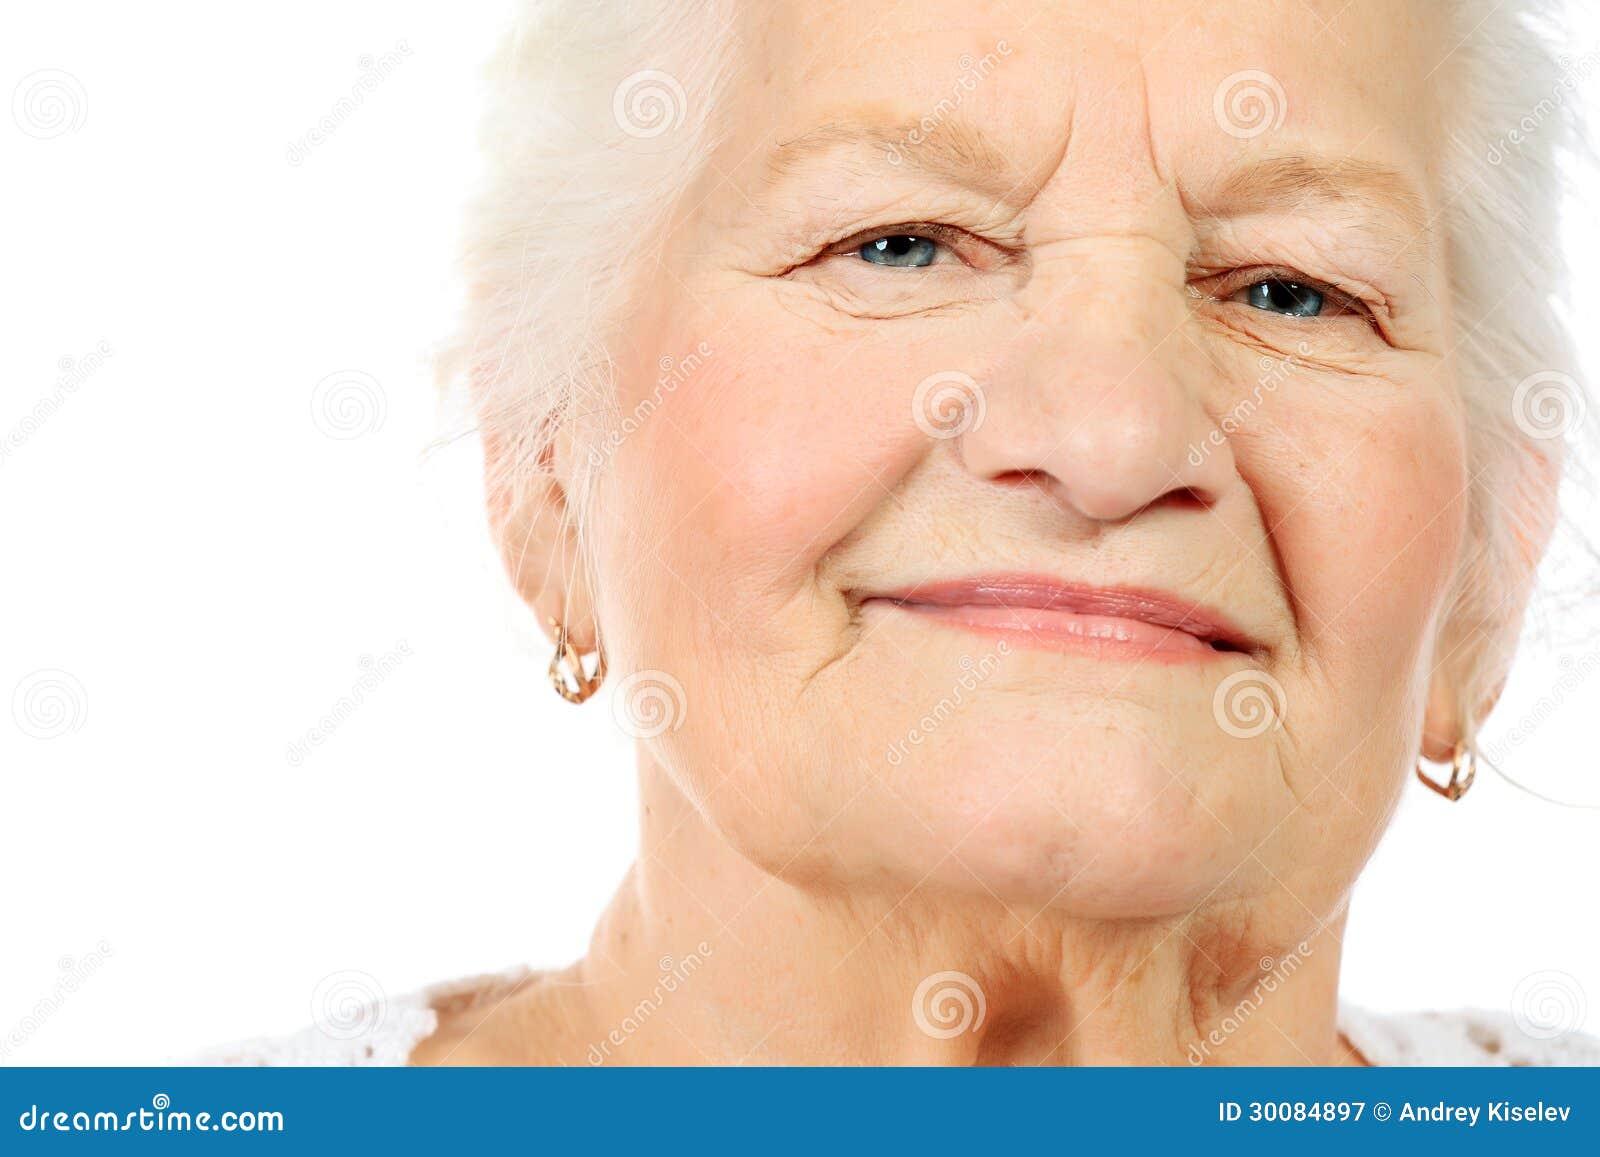 Как сделать бабушку красивой